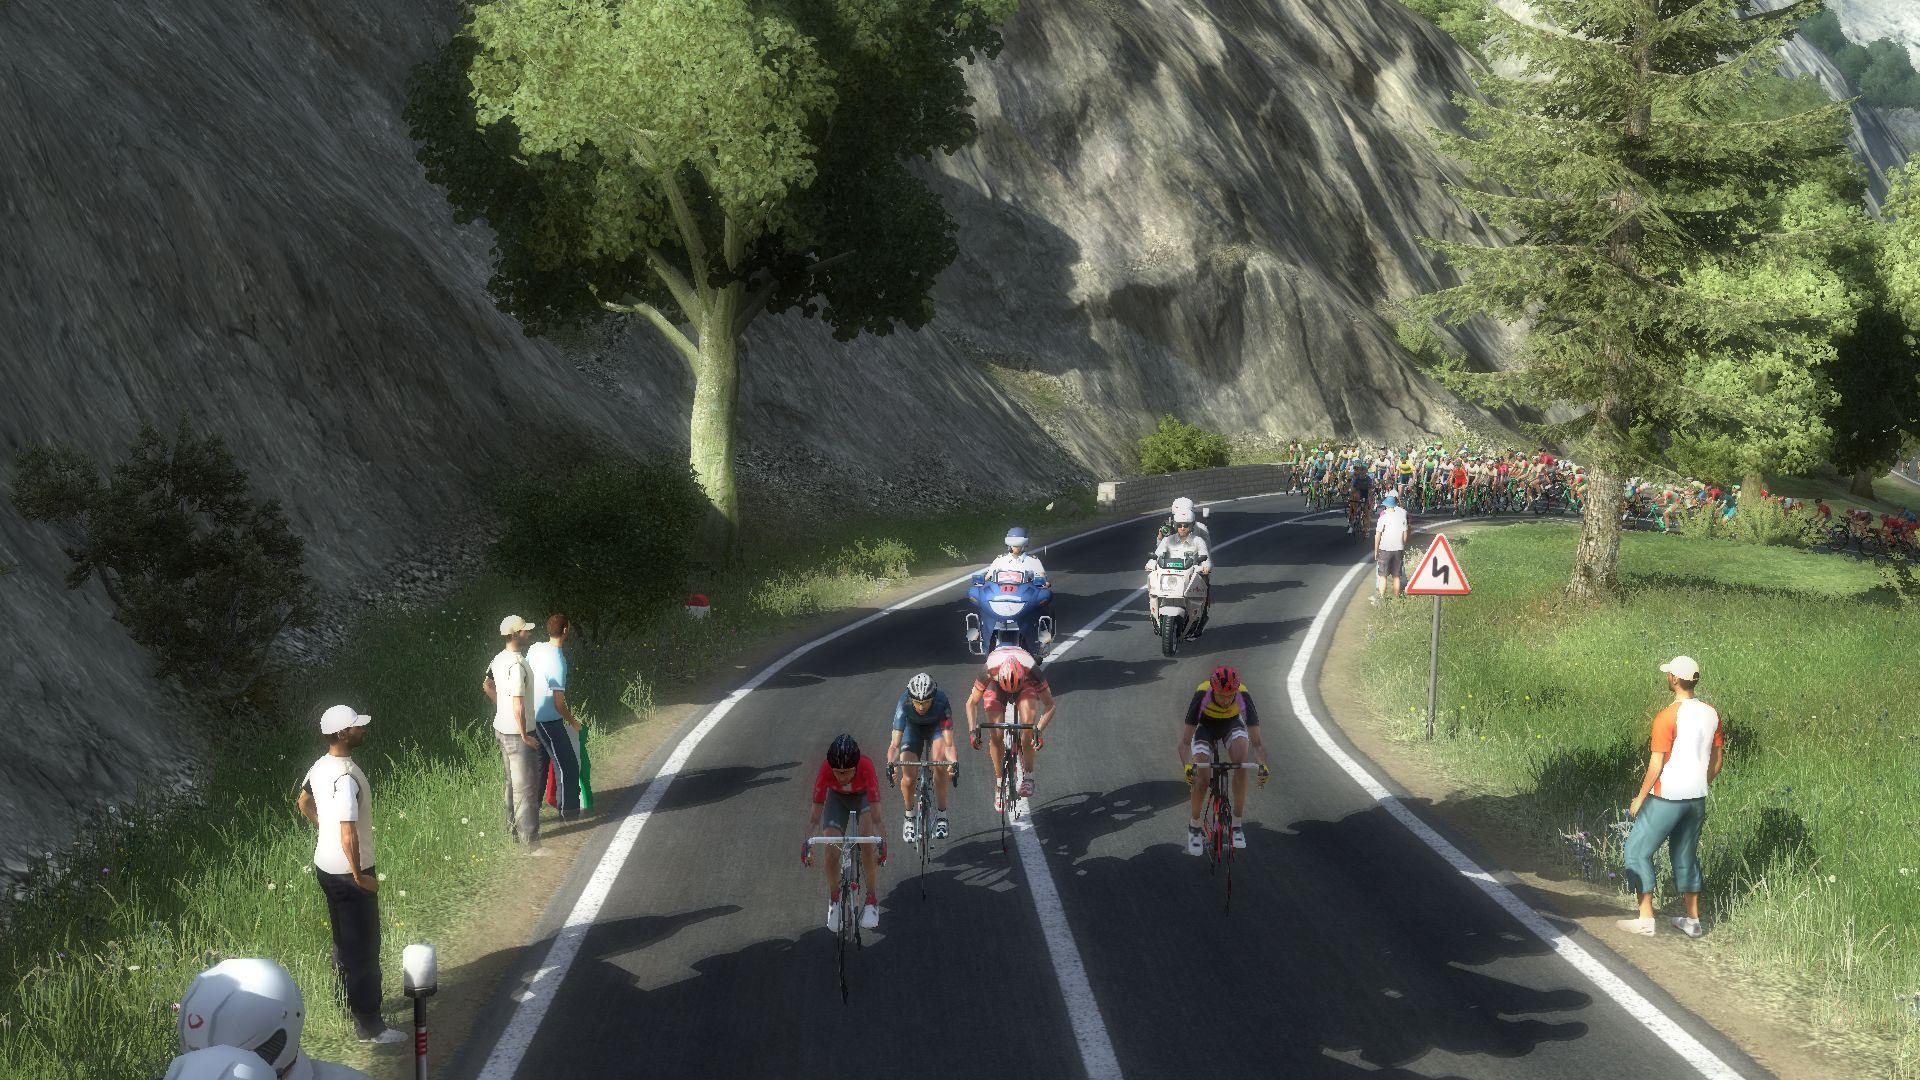 pcmdaily.com/images/mg/2020/Reports/C1/Andorra/TdAS5%2010.jpg